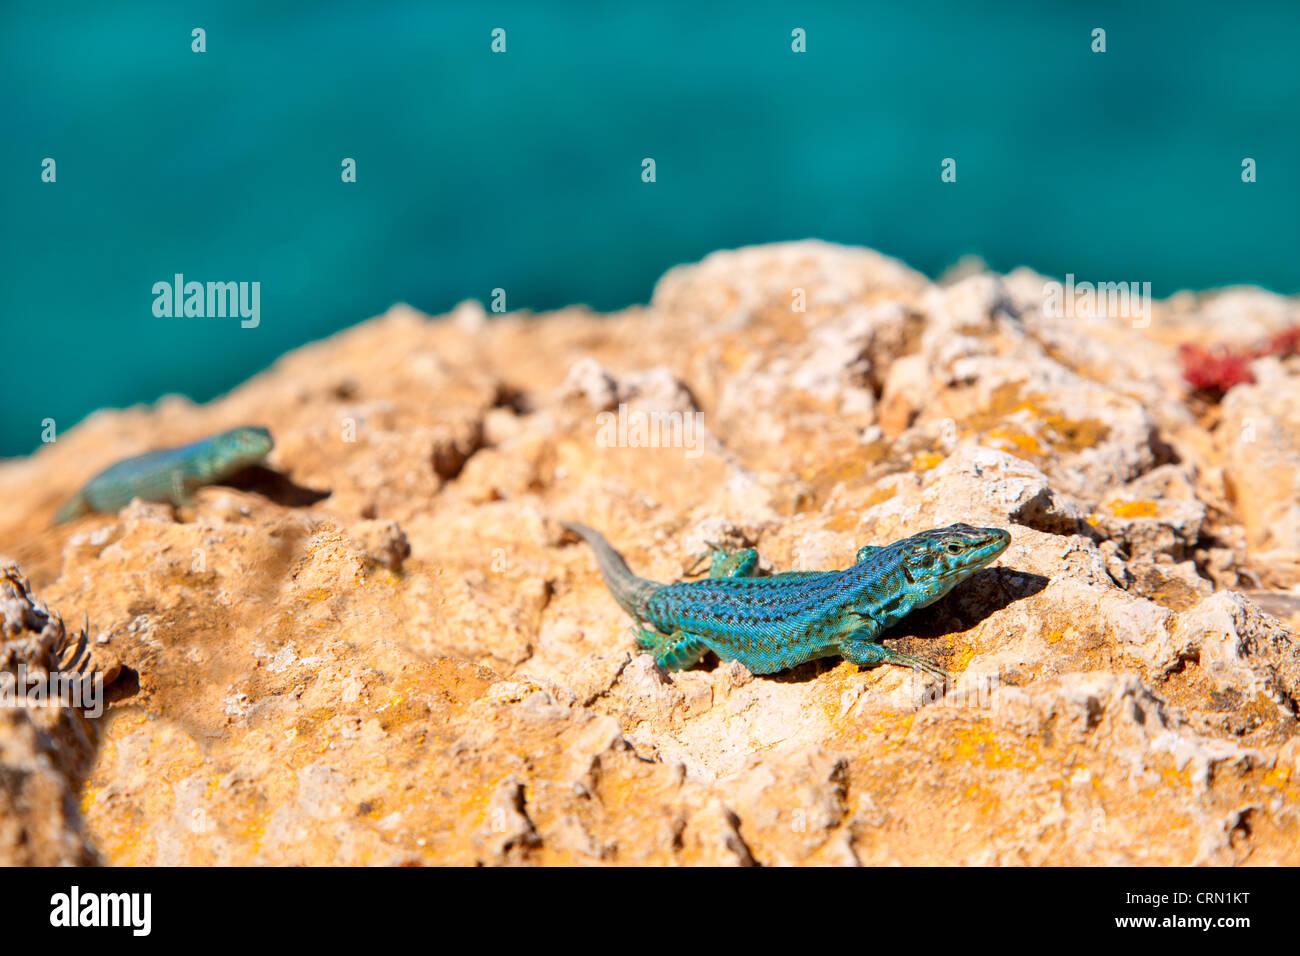 Formentera Eidechse paar am Meer Hintergrund Podarcis Pityusensis formenterae Stockbild